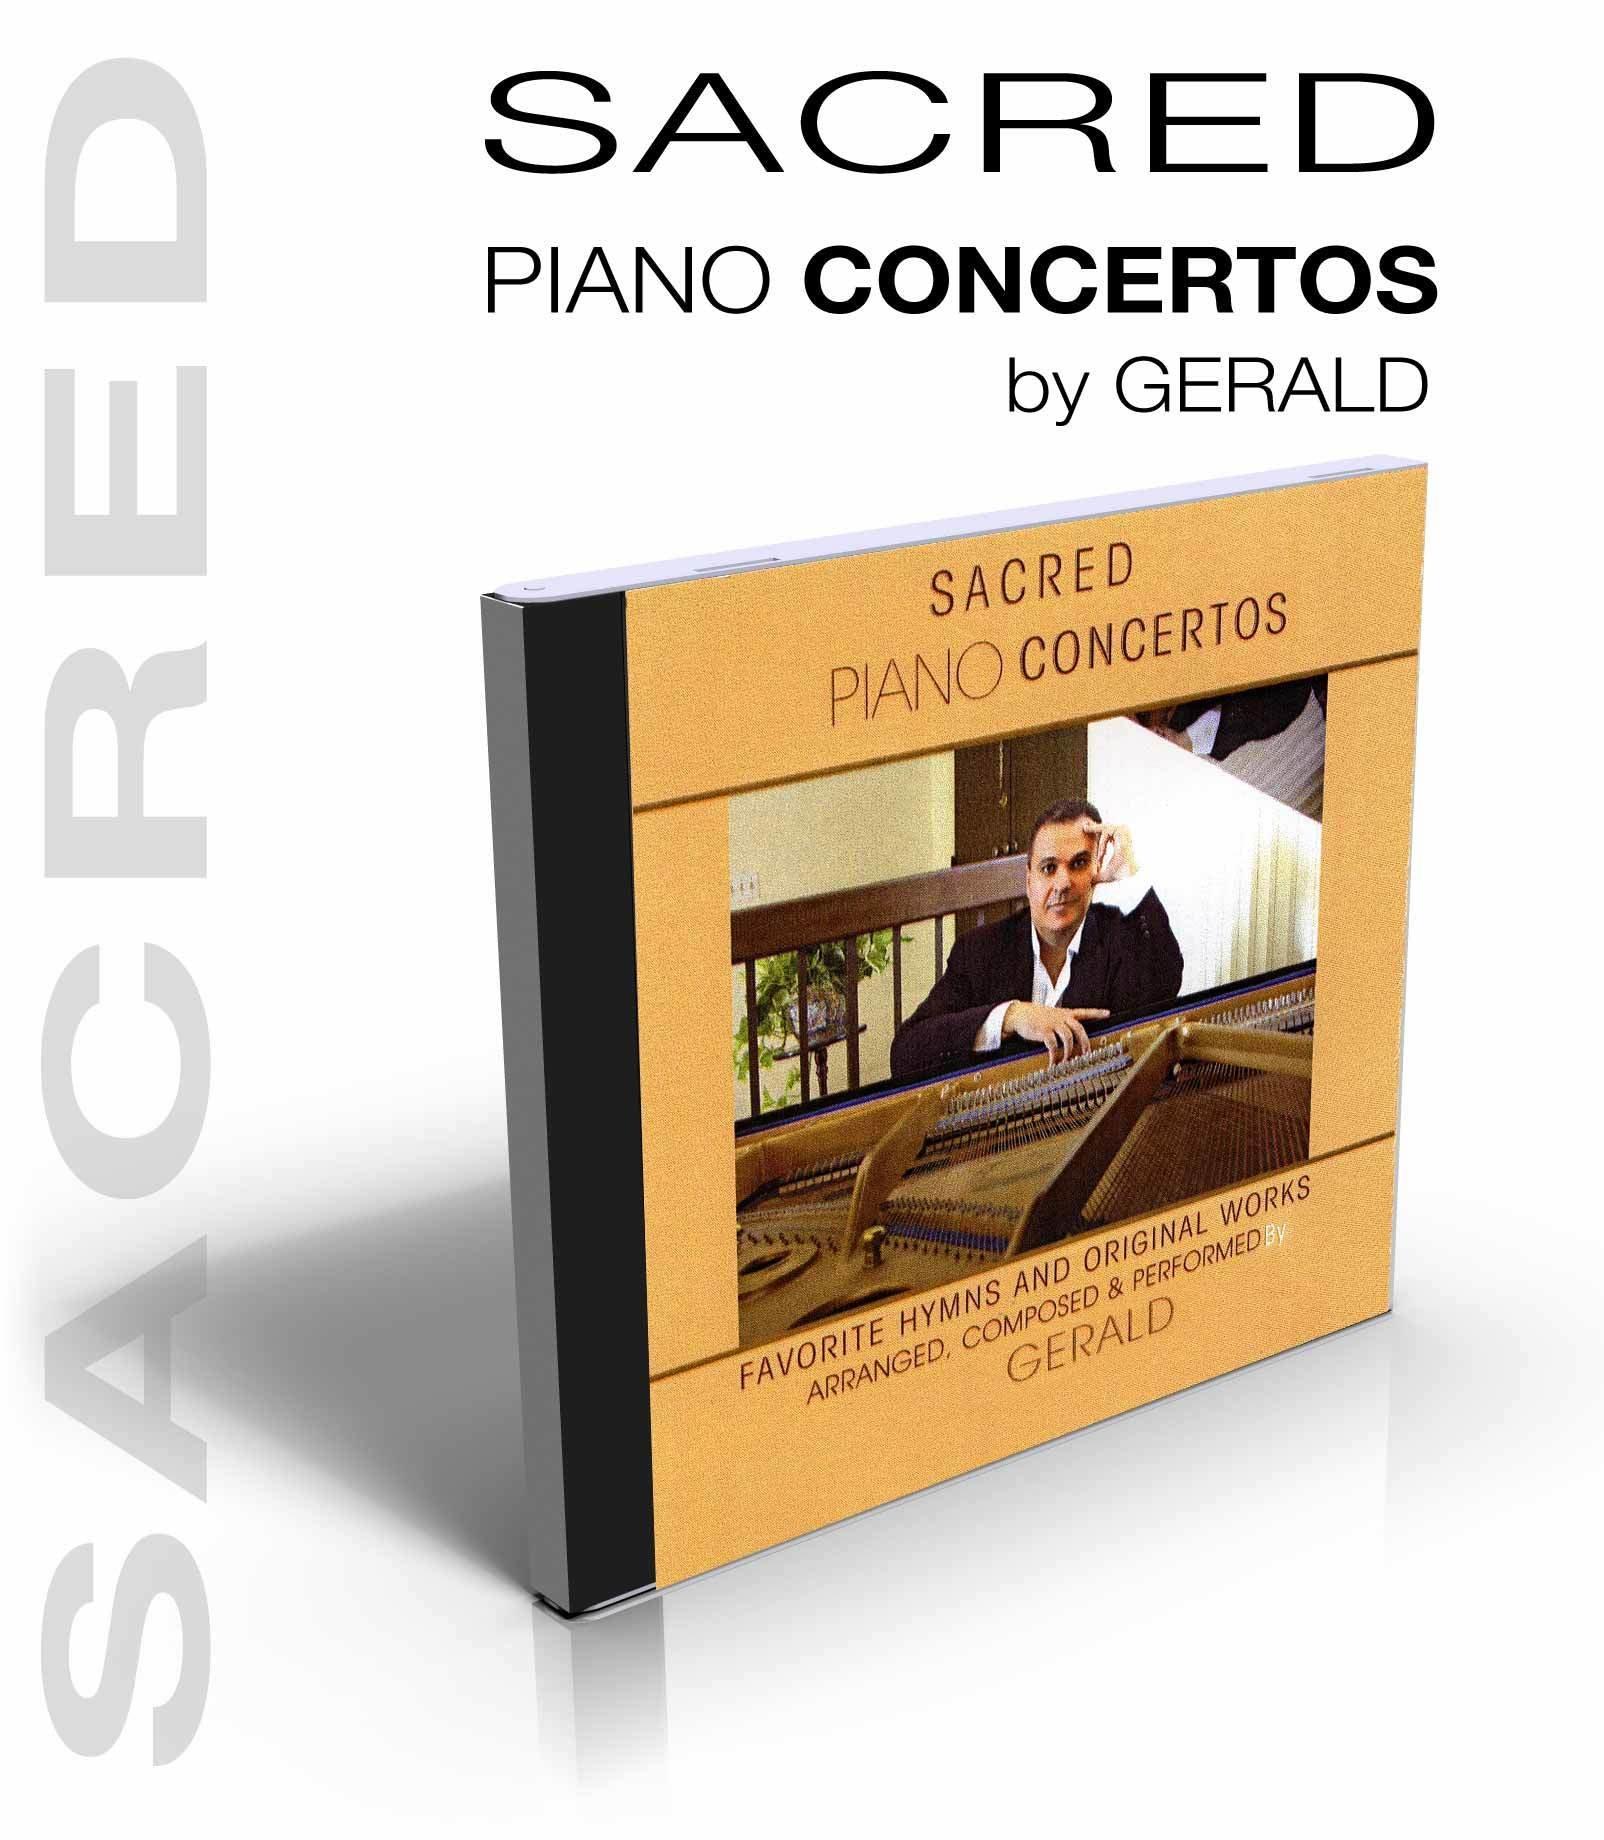 Sacred Piano Concertos by Gerald 00002